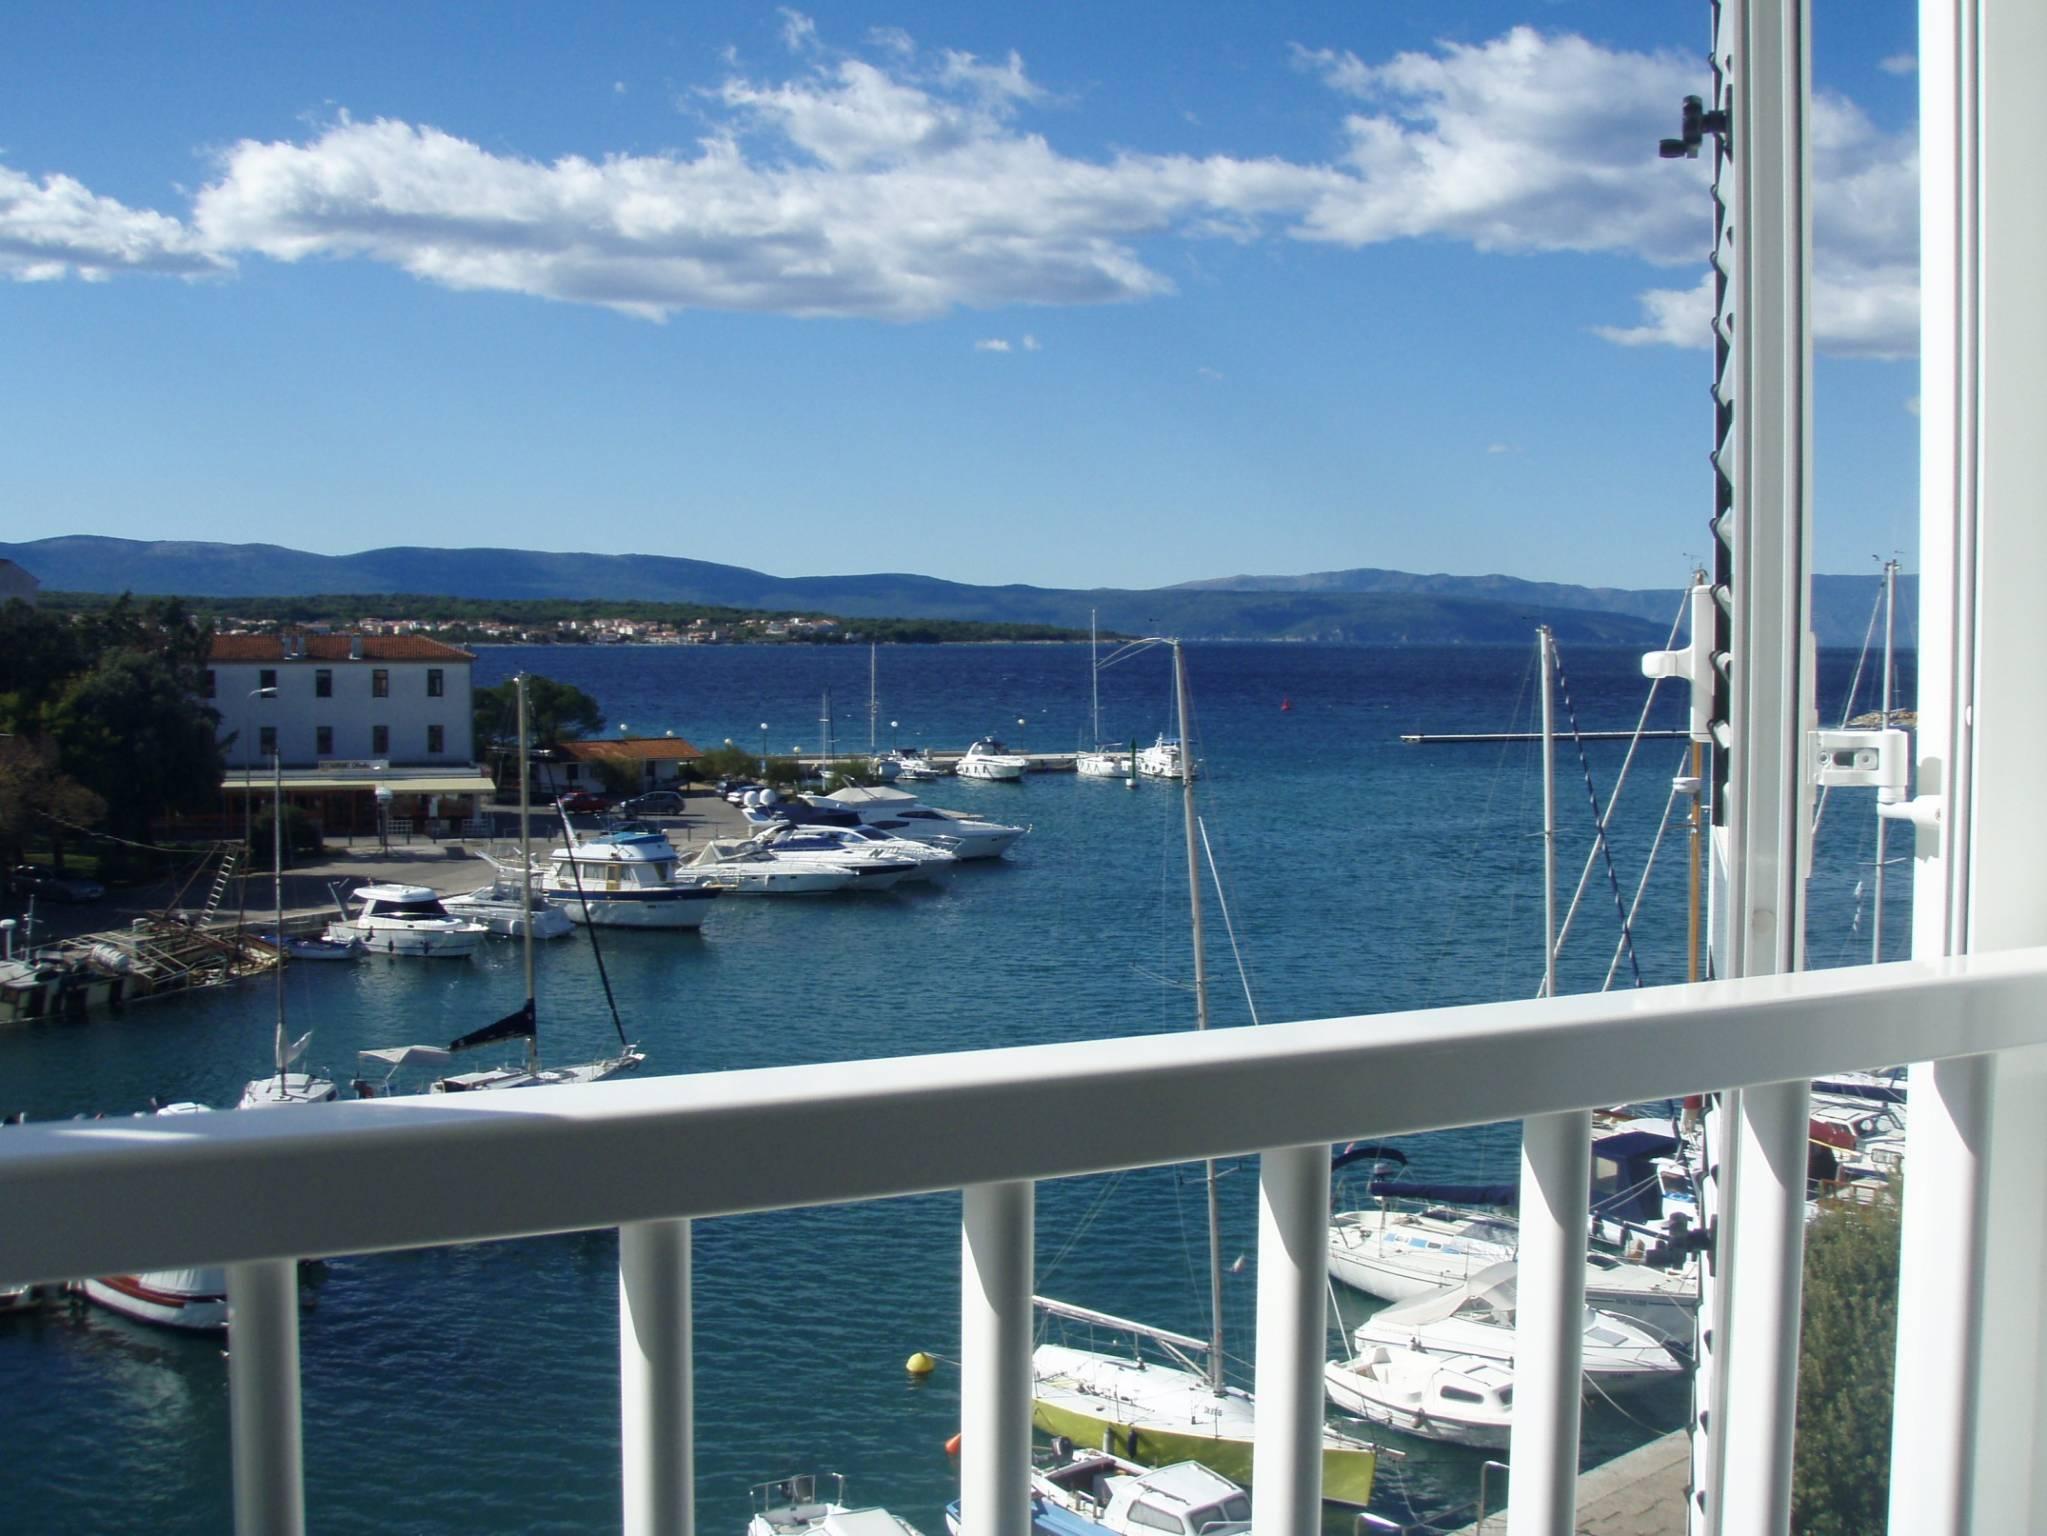 10 mesés szállás a horvát tengerparton - előfoglalási kedvezménnyel